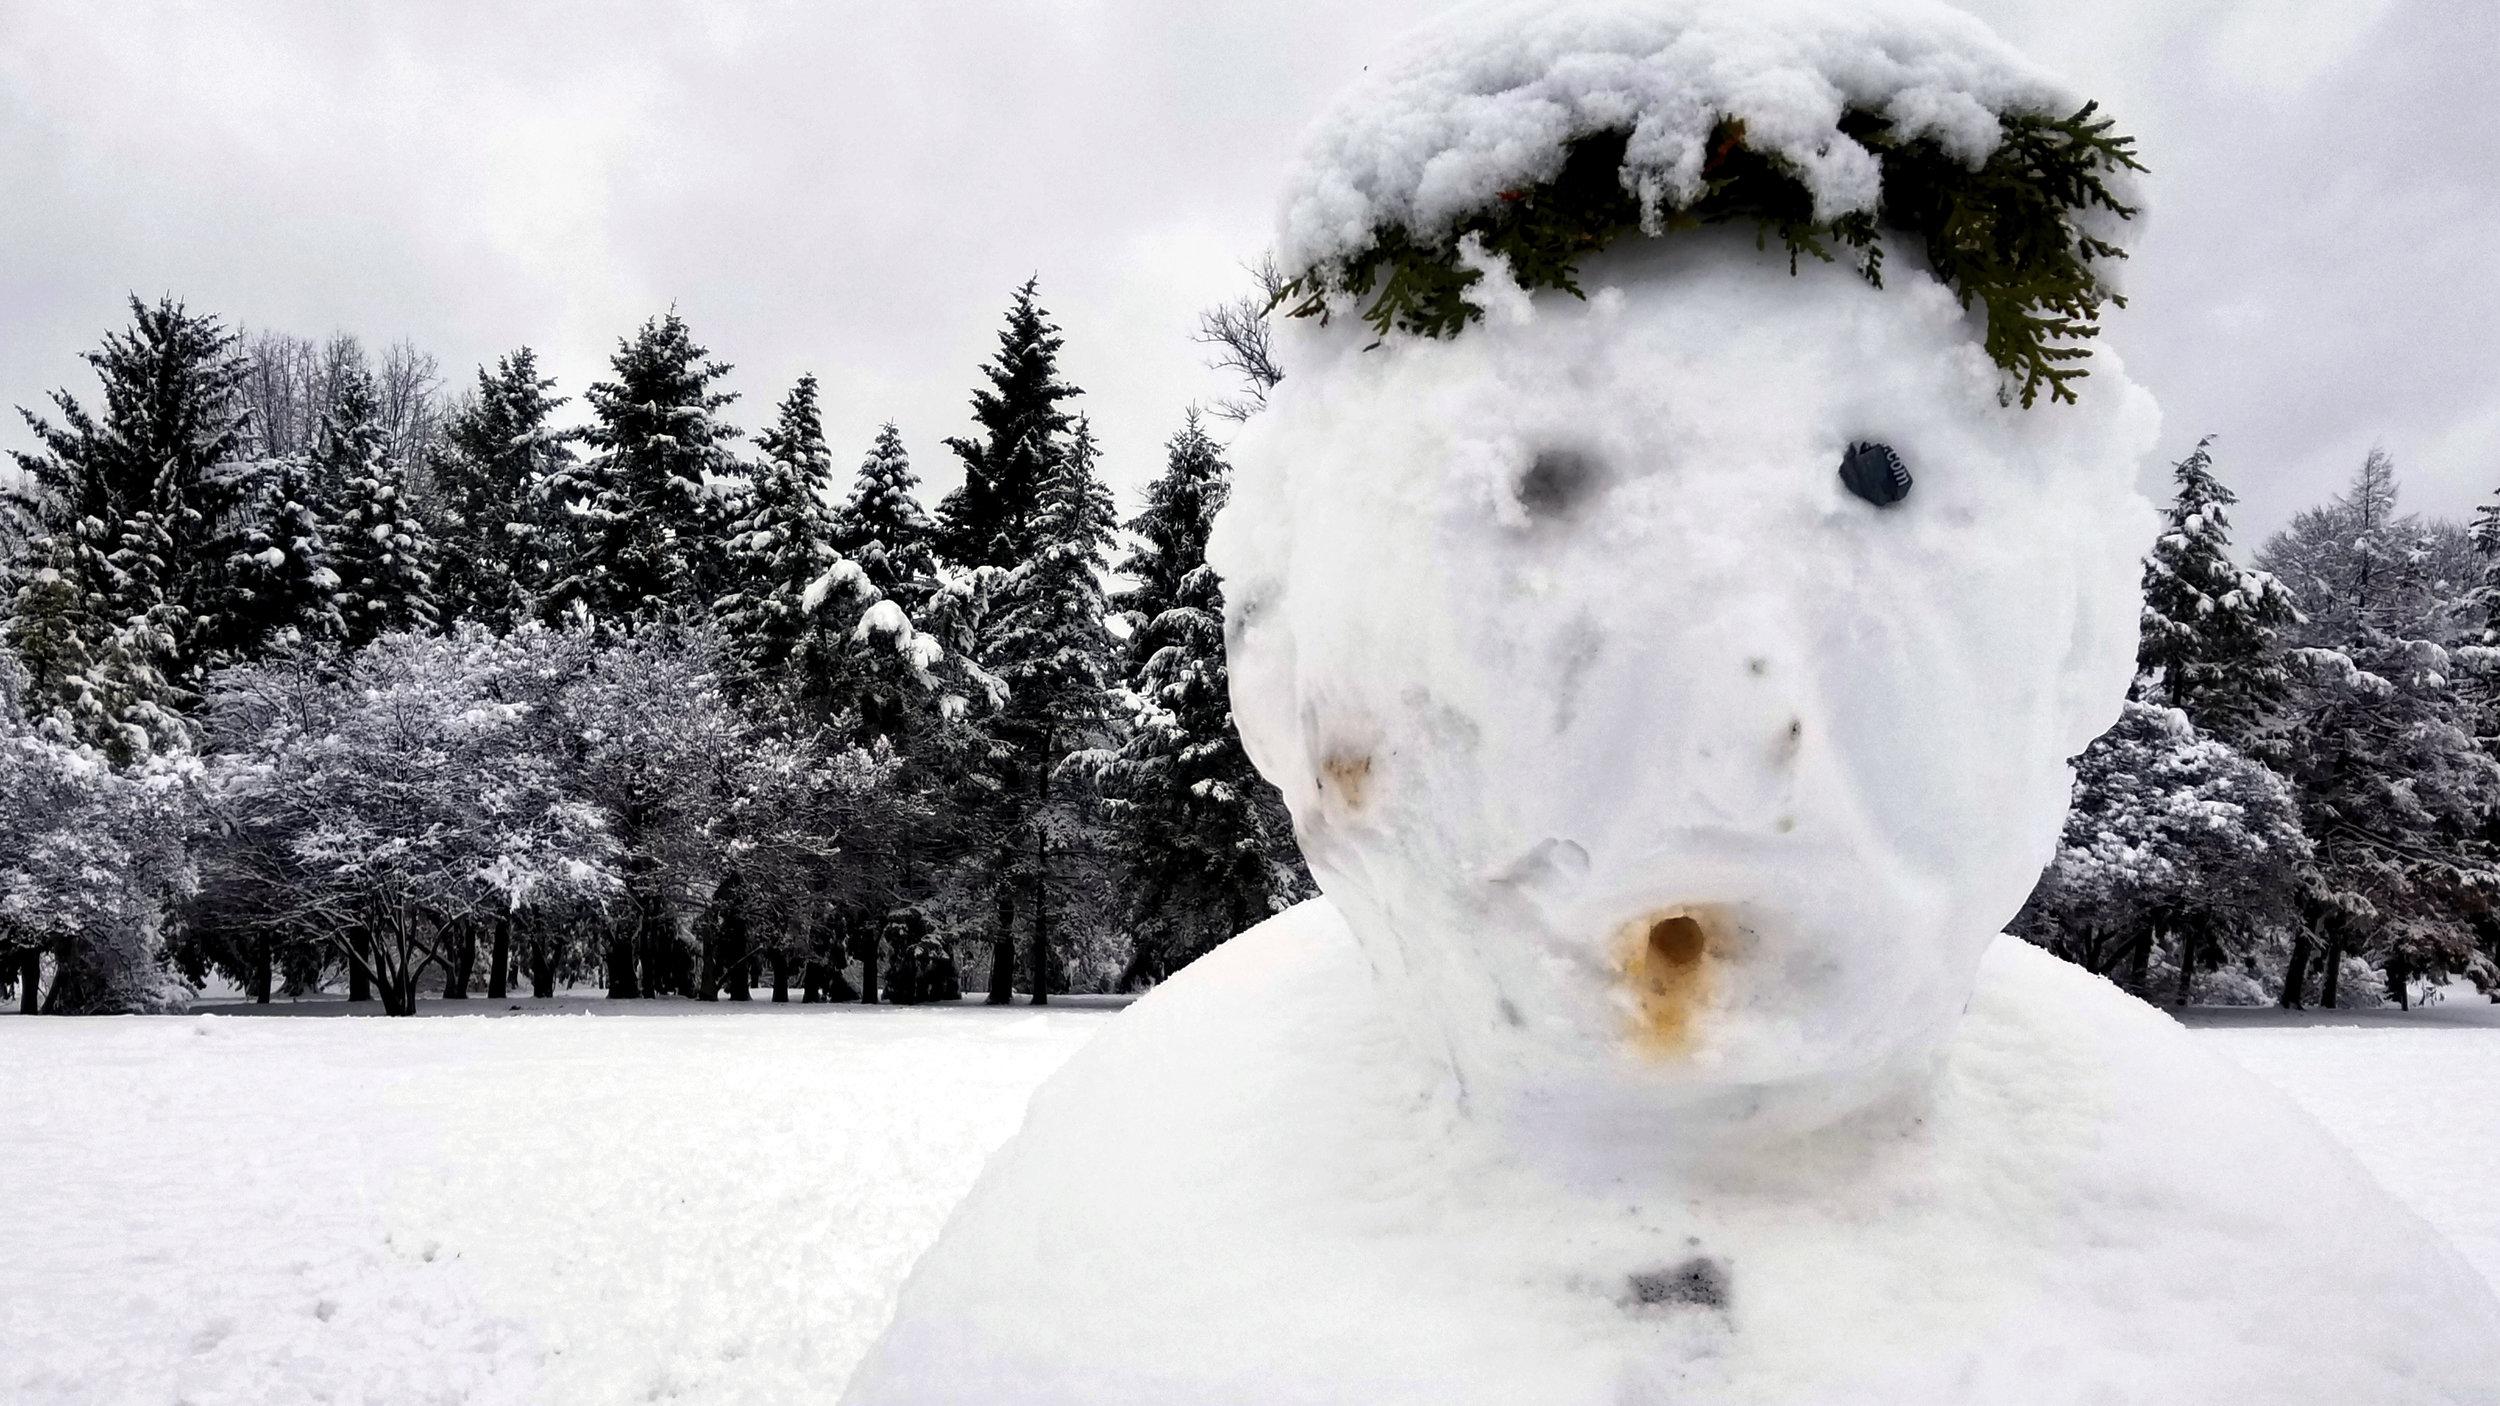 The Snowman | Washington Park, Albany NY